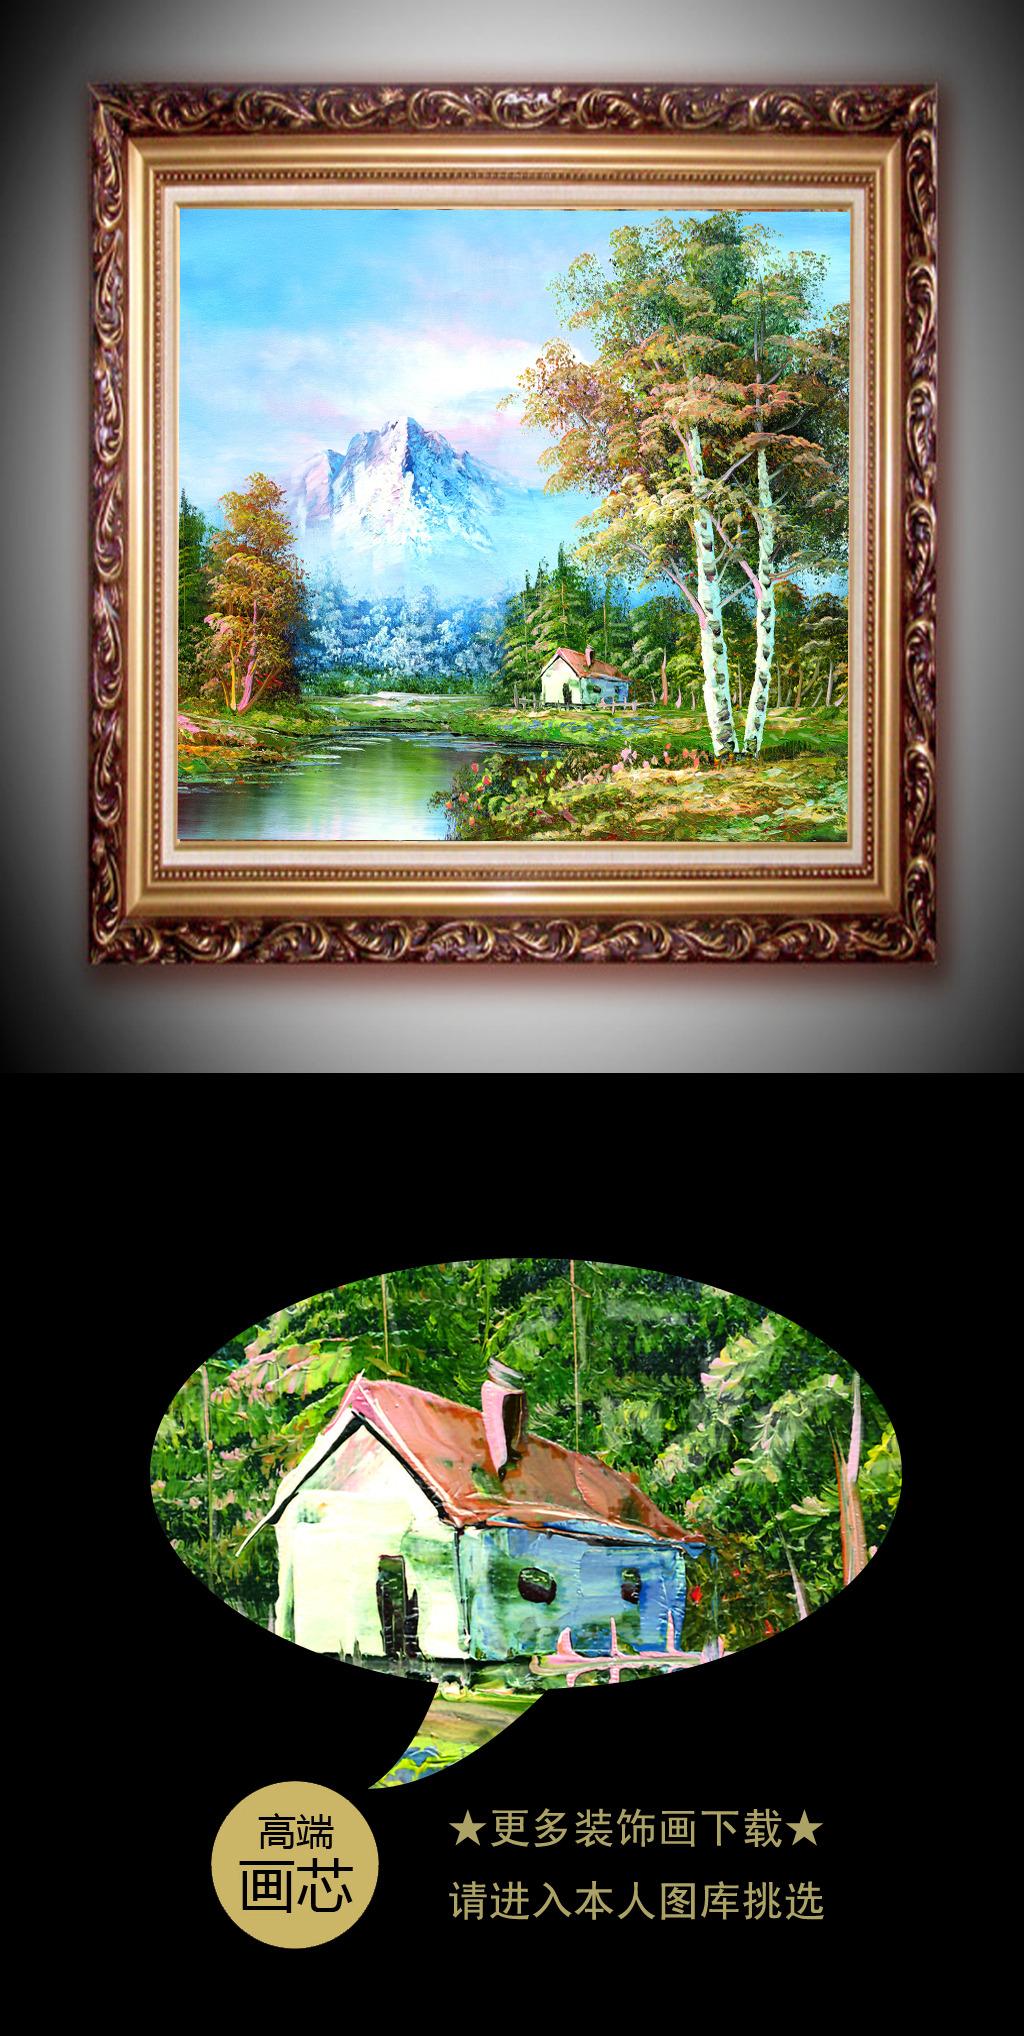 高清手绘风景油画酒店宾馆工装壁画下载